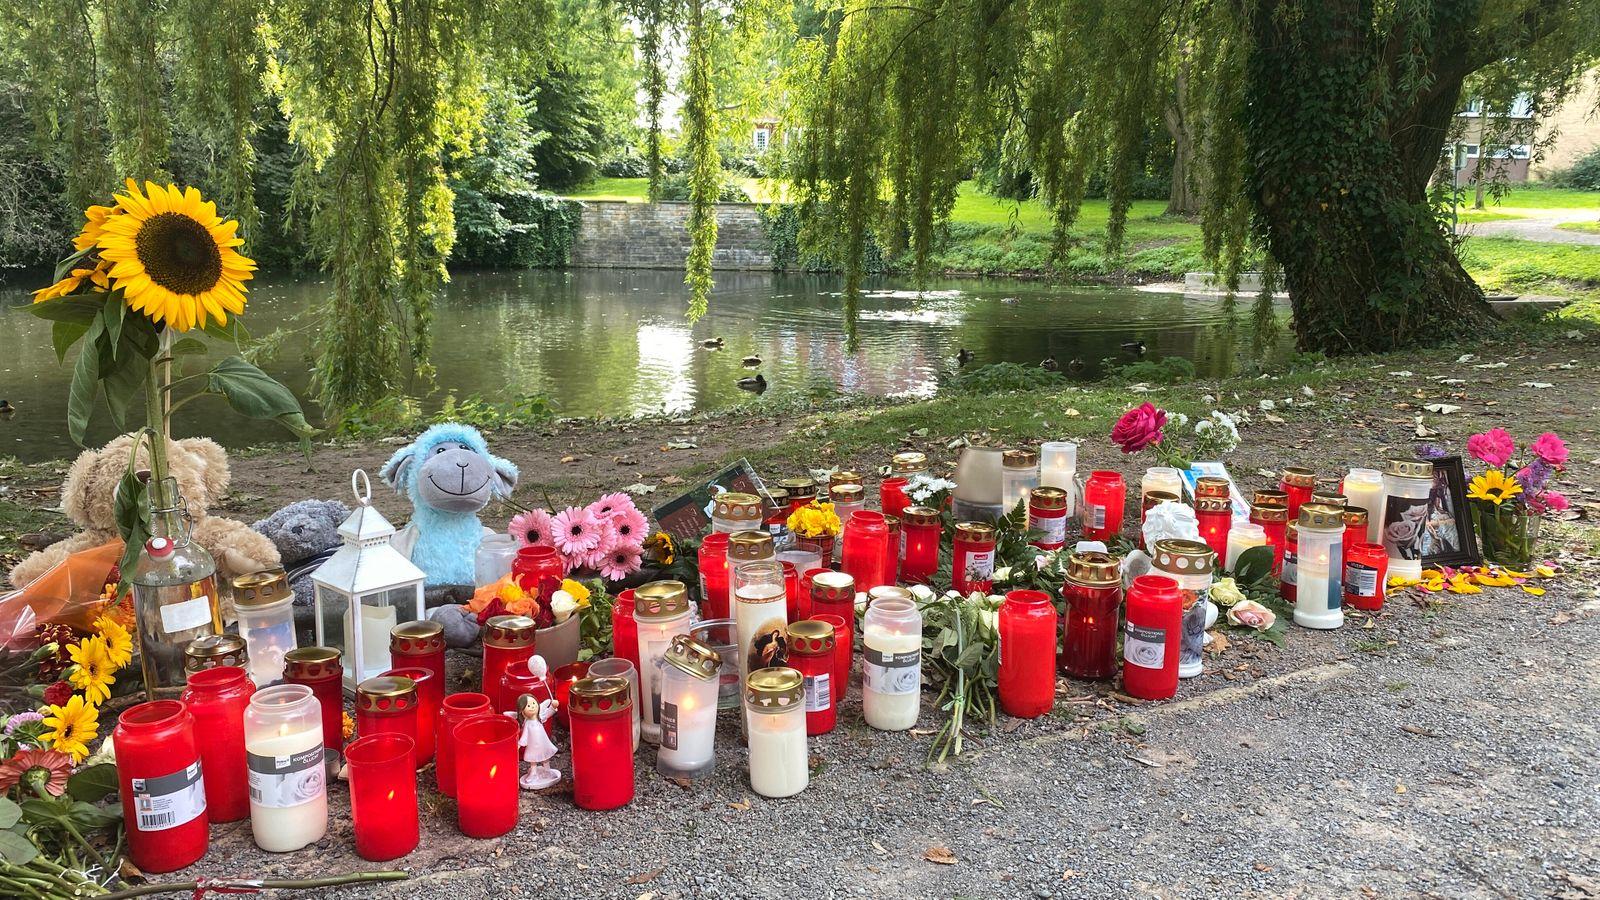 21.09.2021 Hamm Fundort der Leiche einer 25 jährigen Frau aus Hamm die Vergewaltigt und getötet wurde . Der Tatort lieg